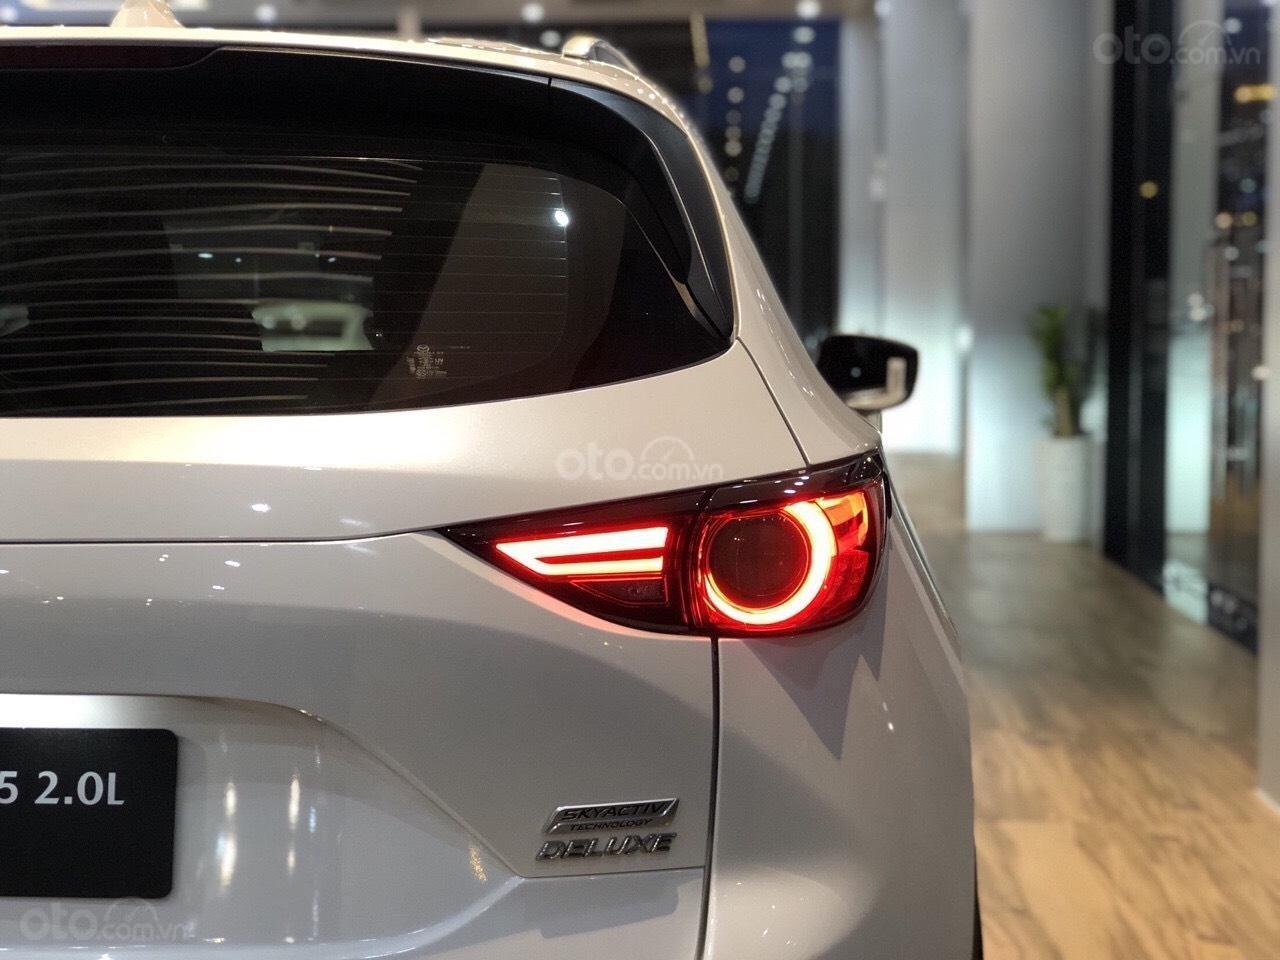 [Cực hot]: Ưu đãi new Mazda CX-5 từ 80tr + quà tặng - giao xe ngay - hỗ trợ trả góp cực ngầu (6)